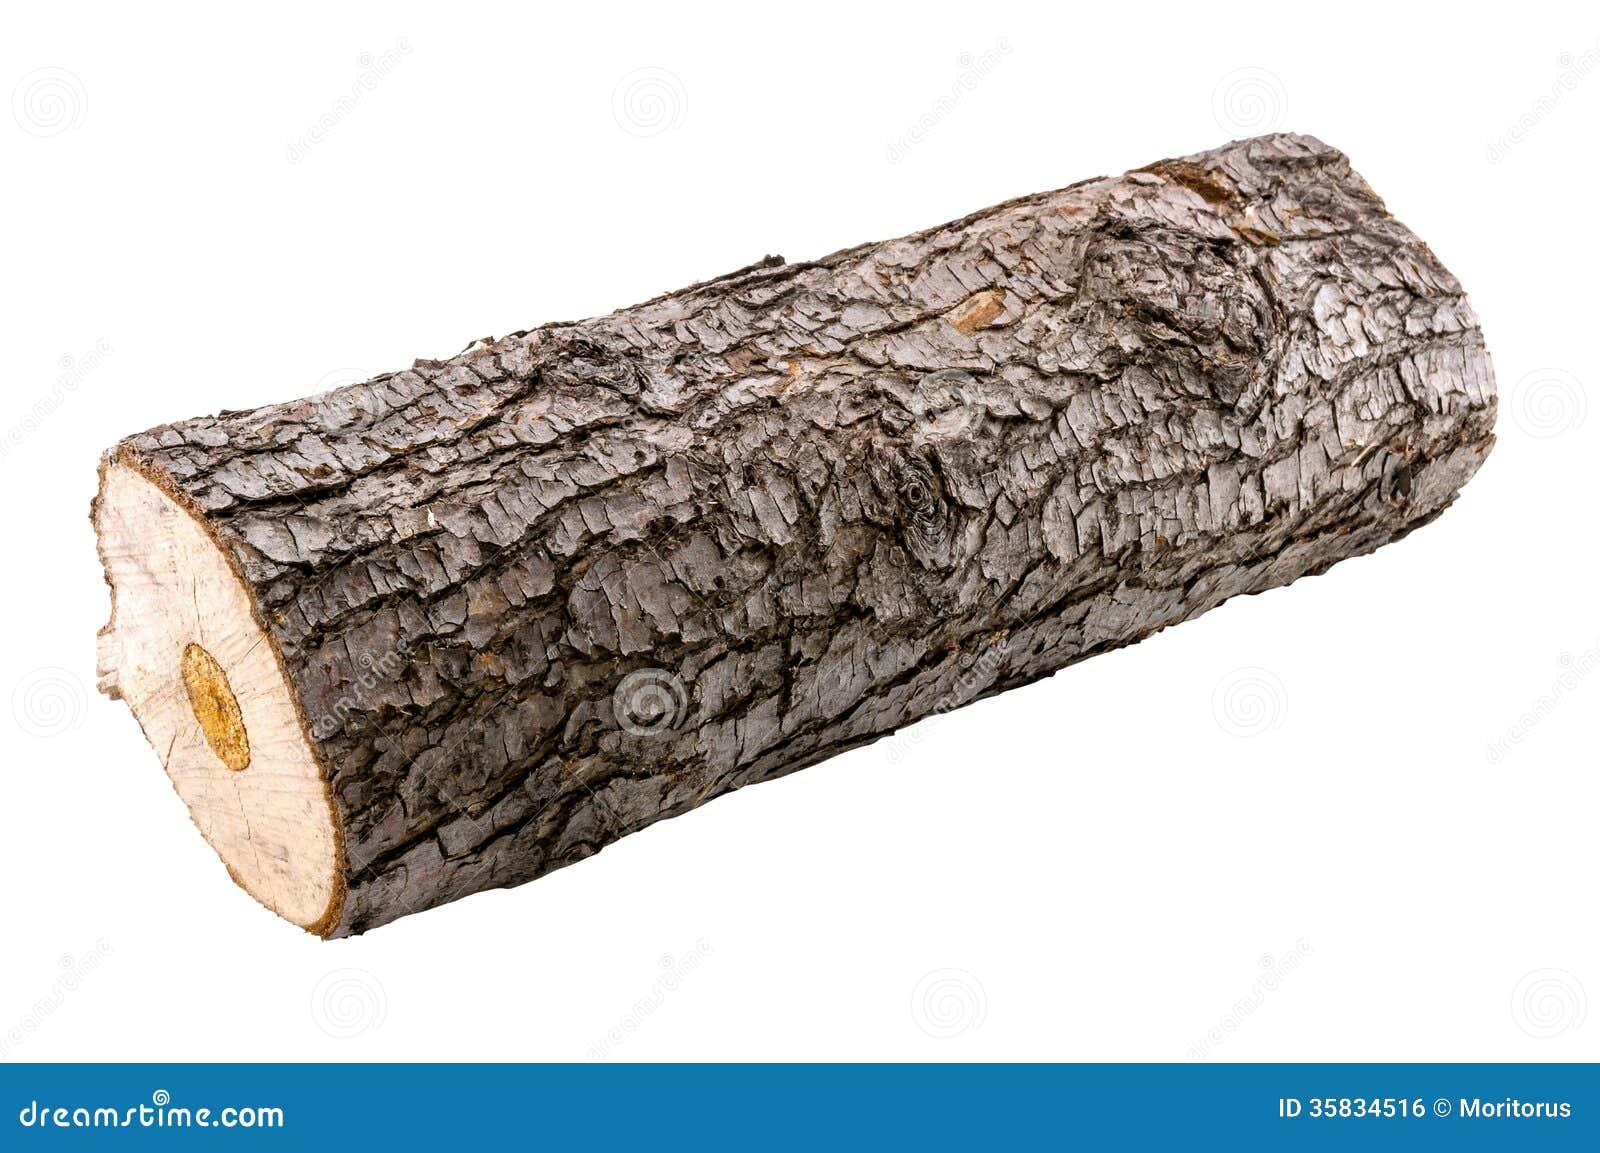 wood log royalty free stock image image 35834516. Black Bedroom Furniture Sets. Home Design Ideas